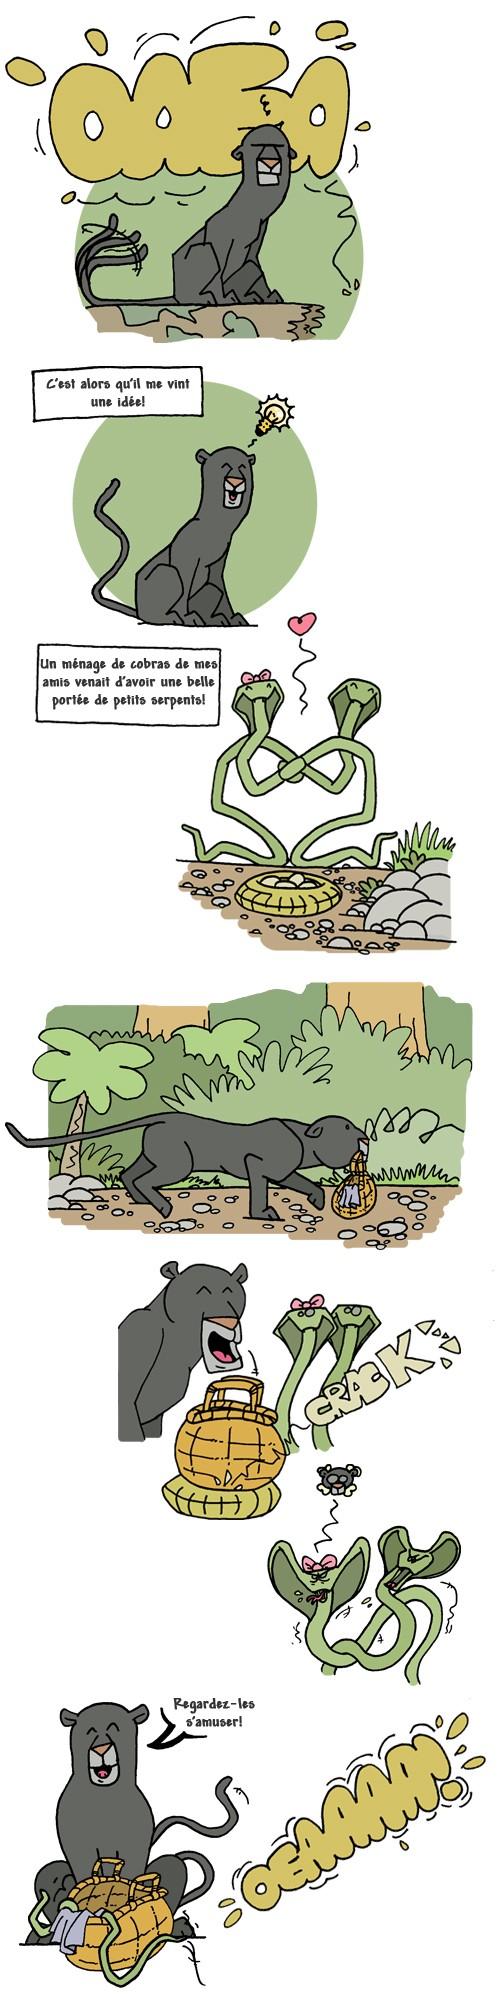 Le-livre-de-la-jungle7